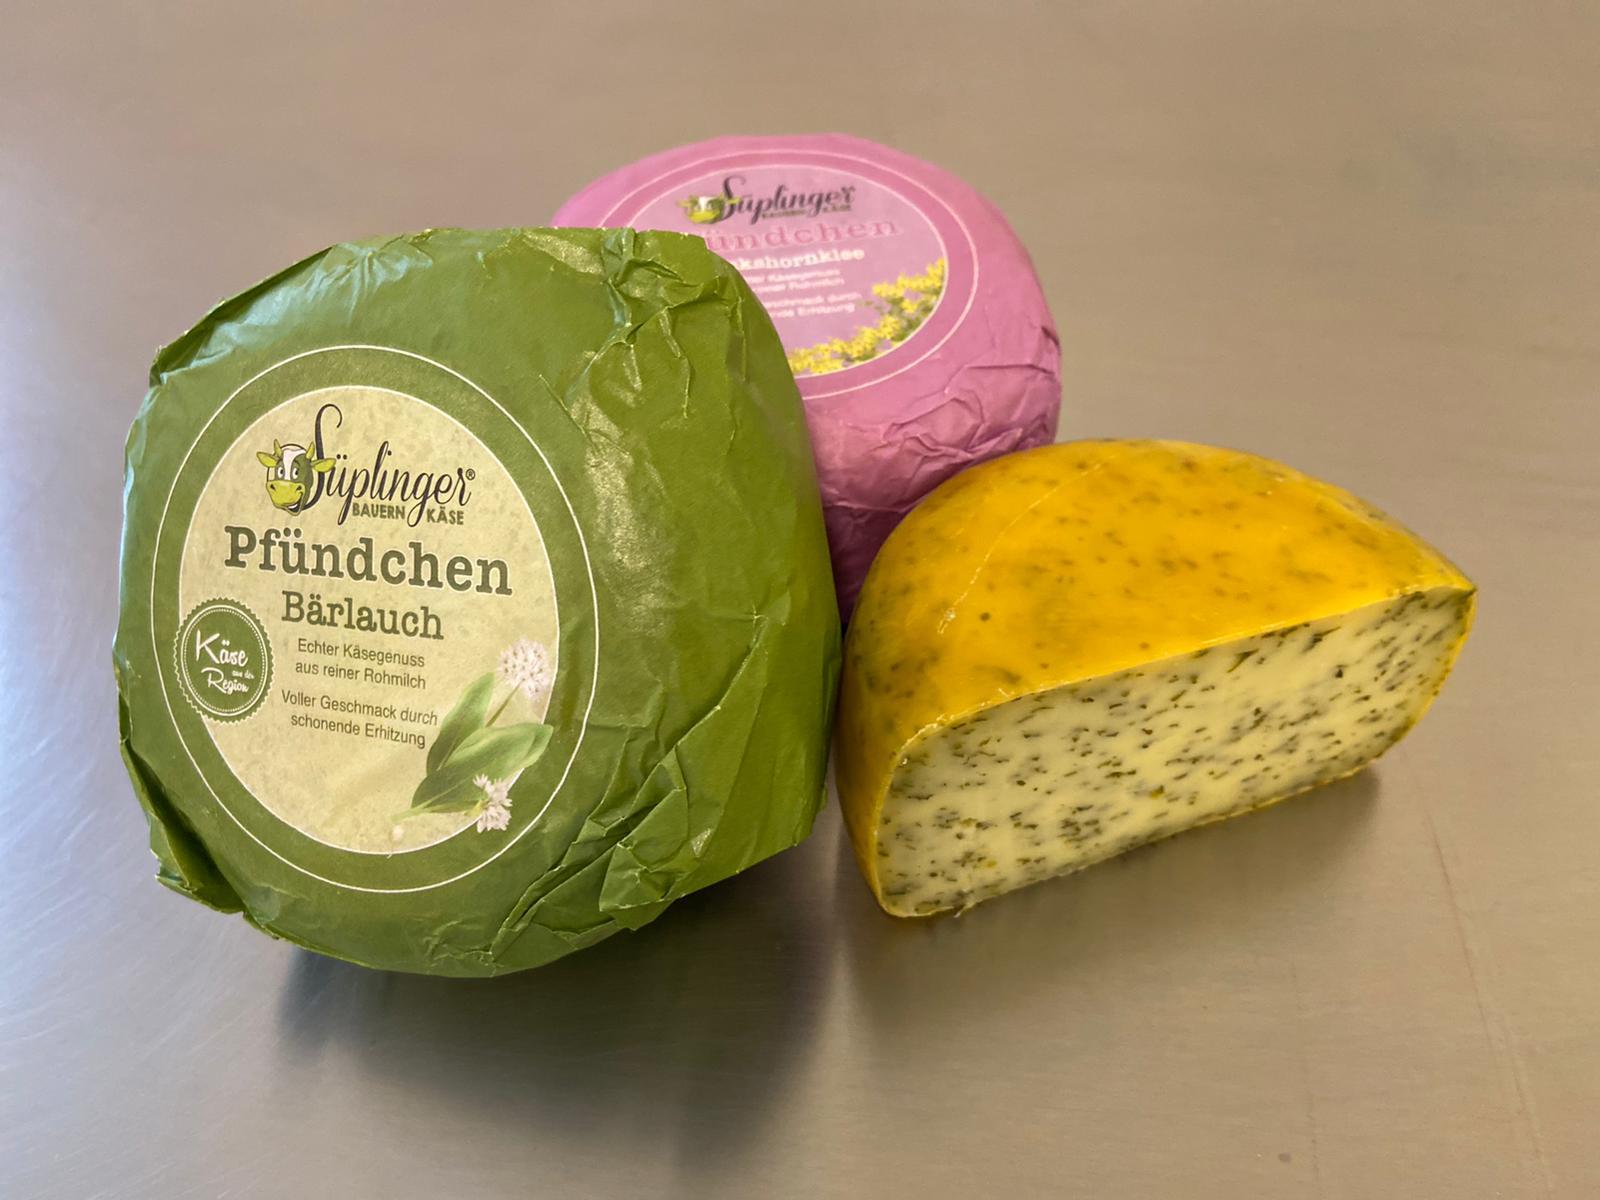 Süplinger Käse - Pfündchen